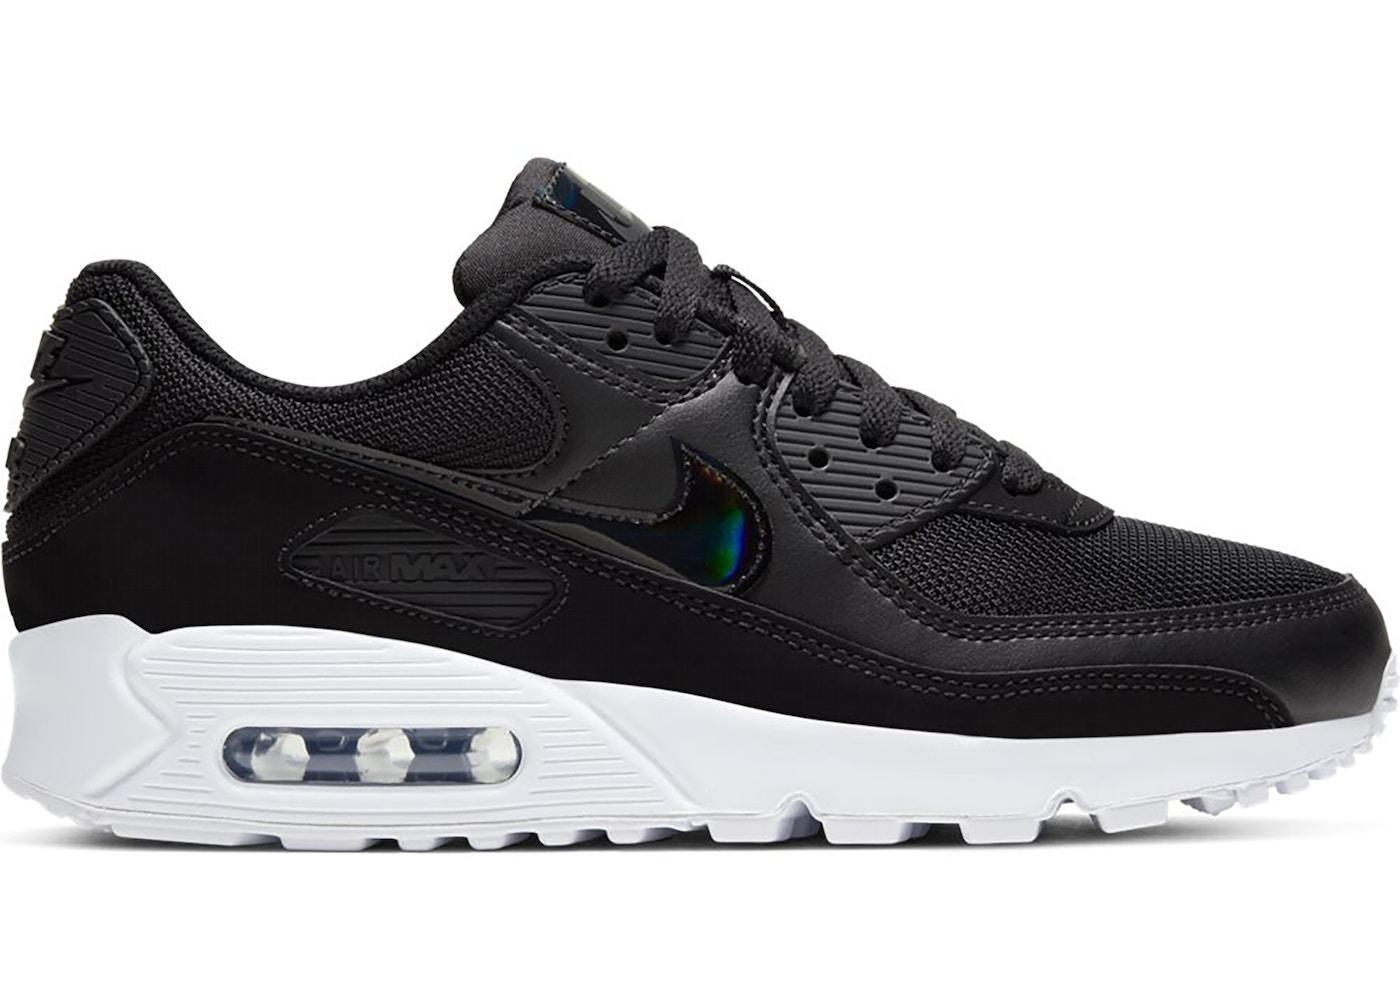 Nike Air Max 90 Twist Black White Black (W)